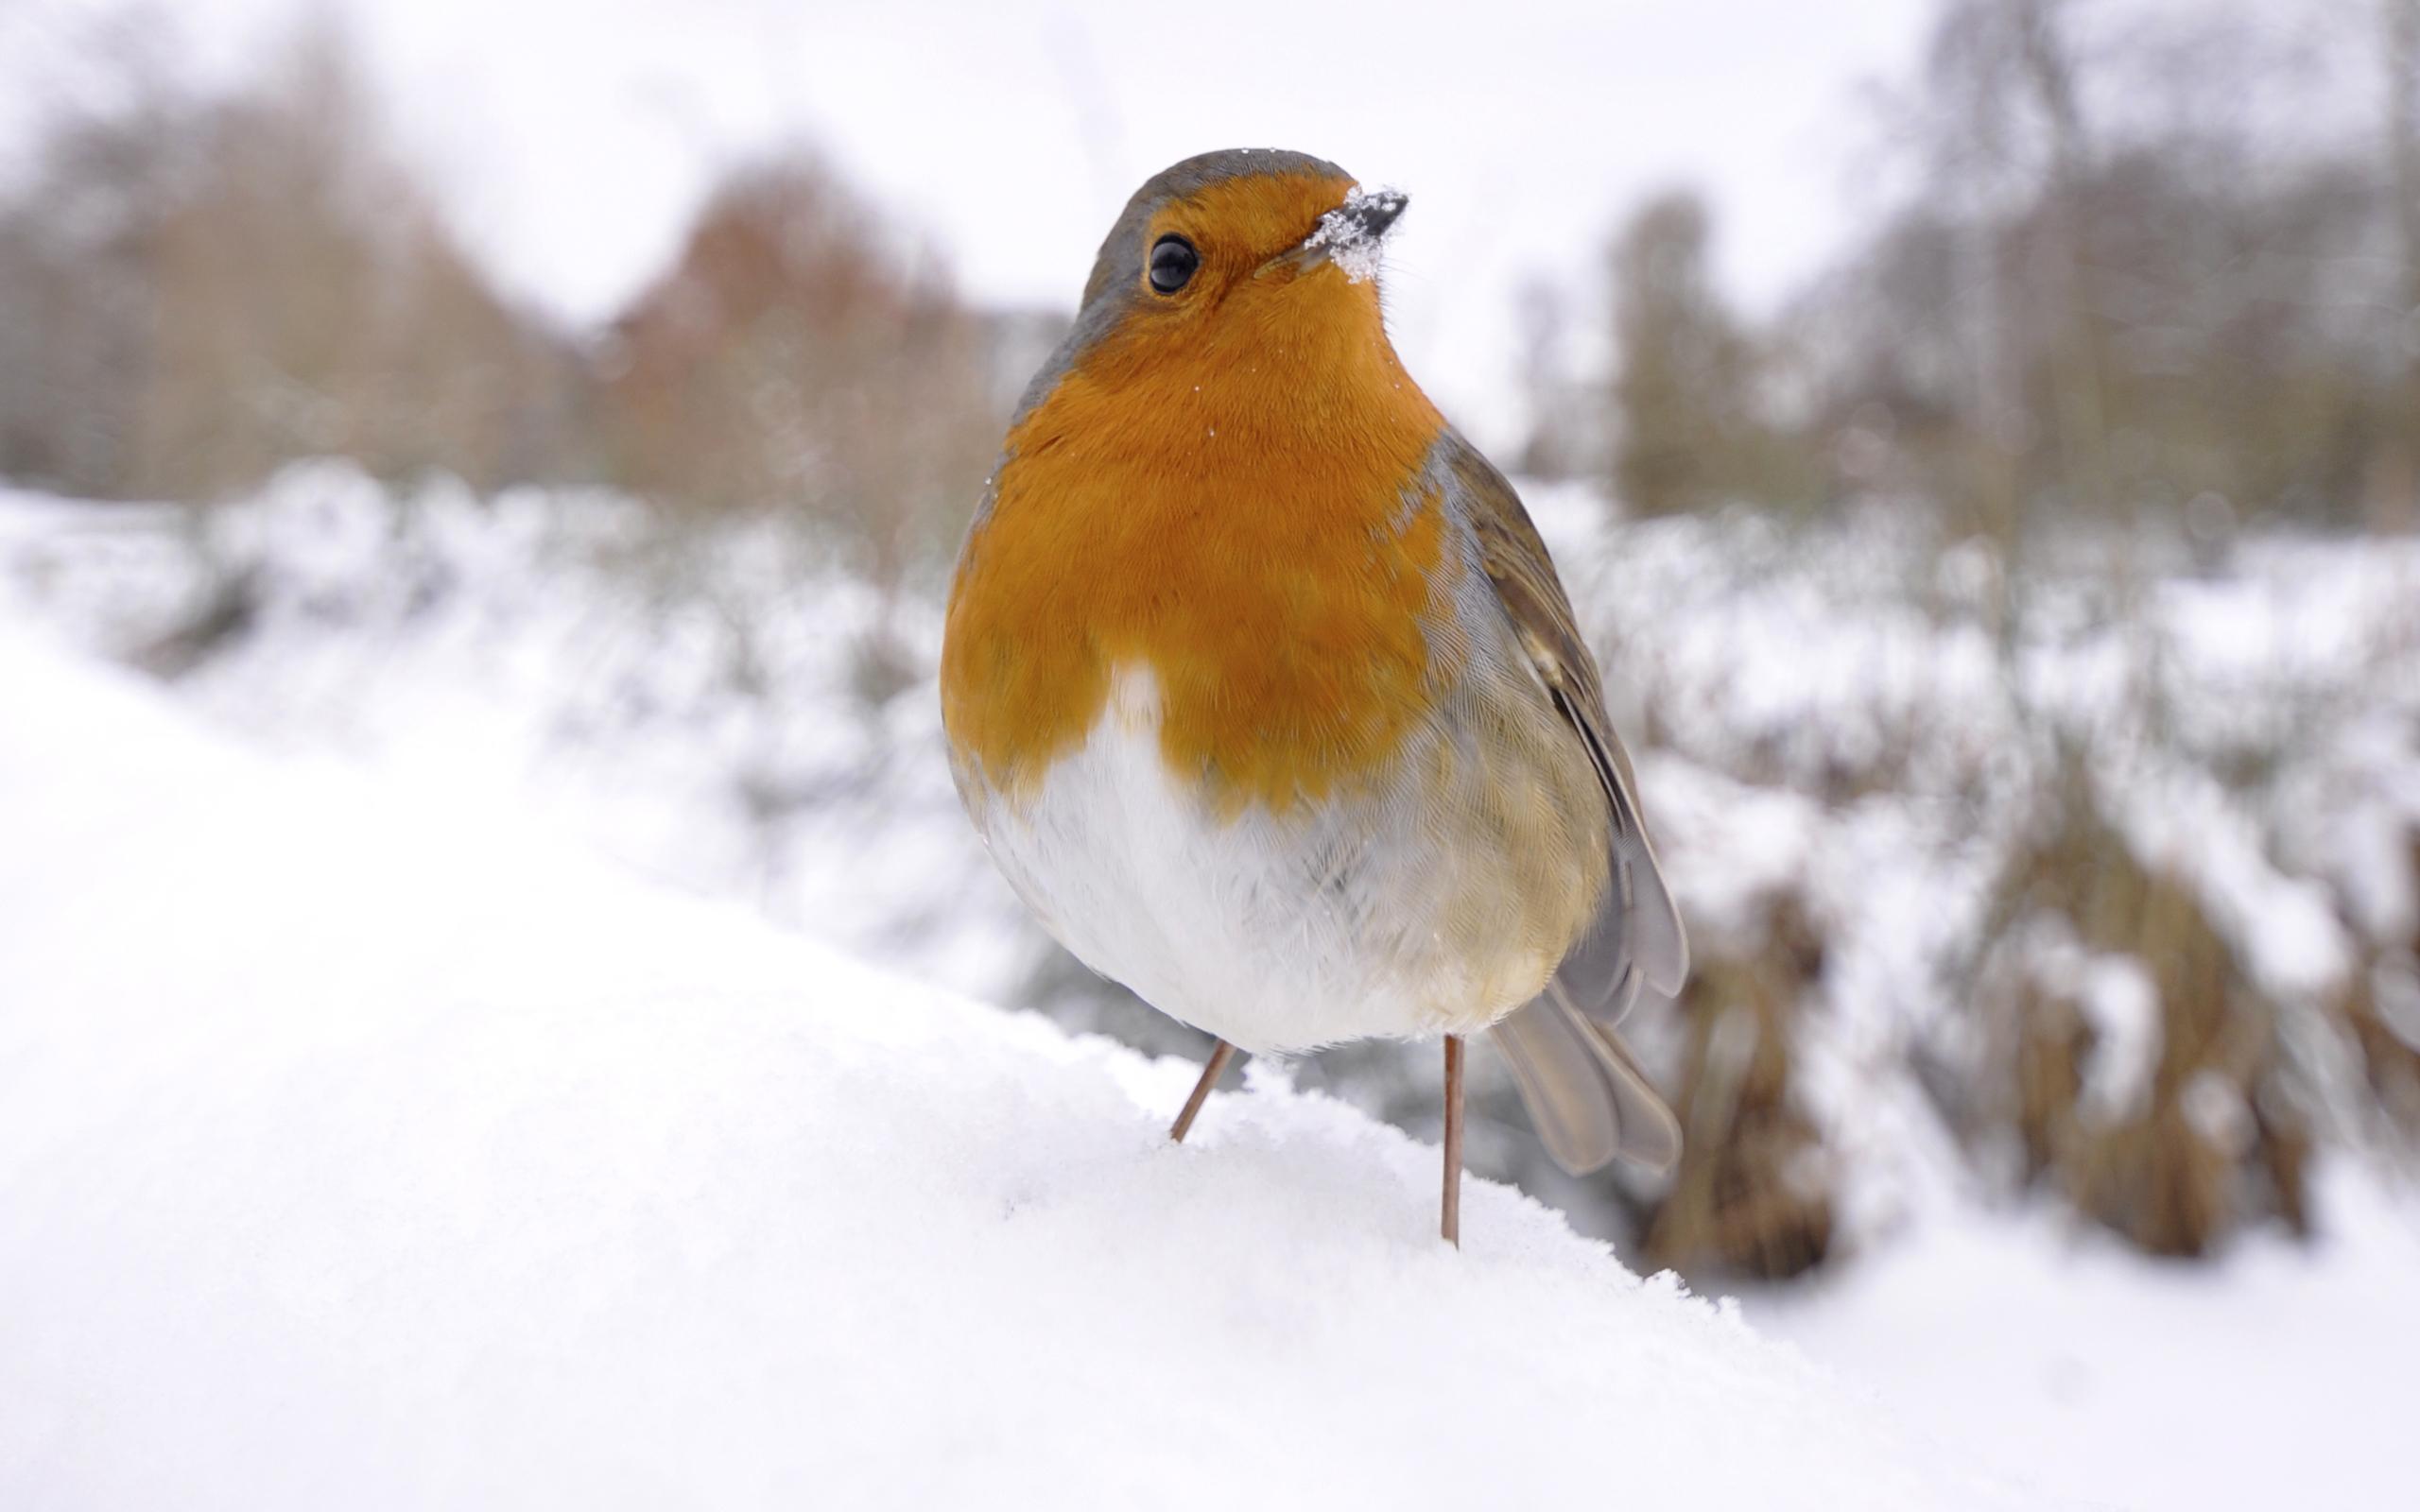 птички на снегу  № 101442 загрузить